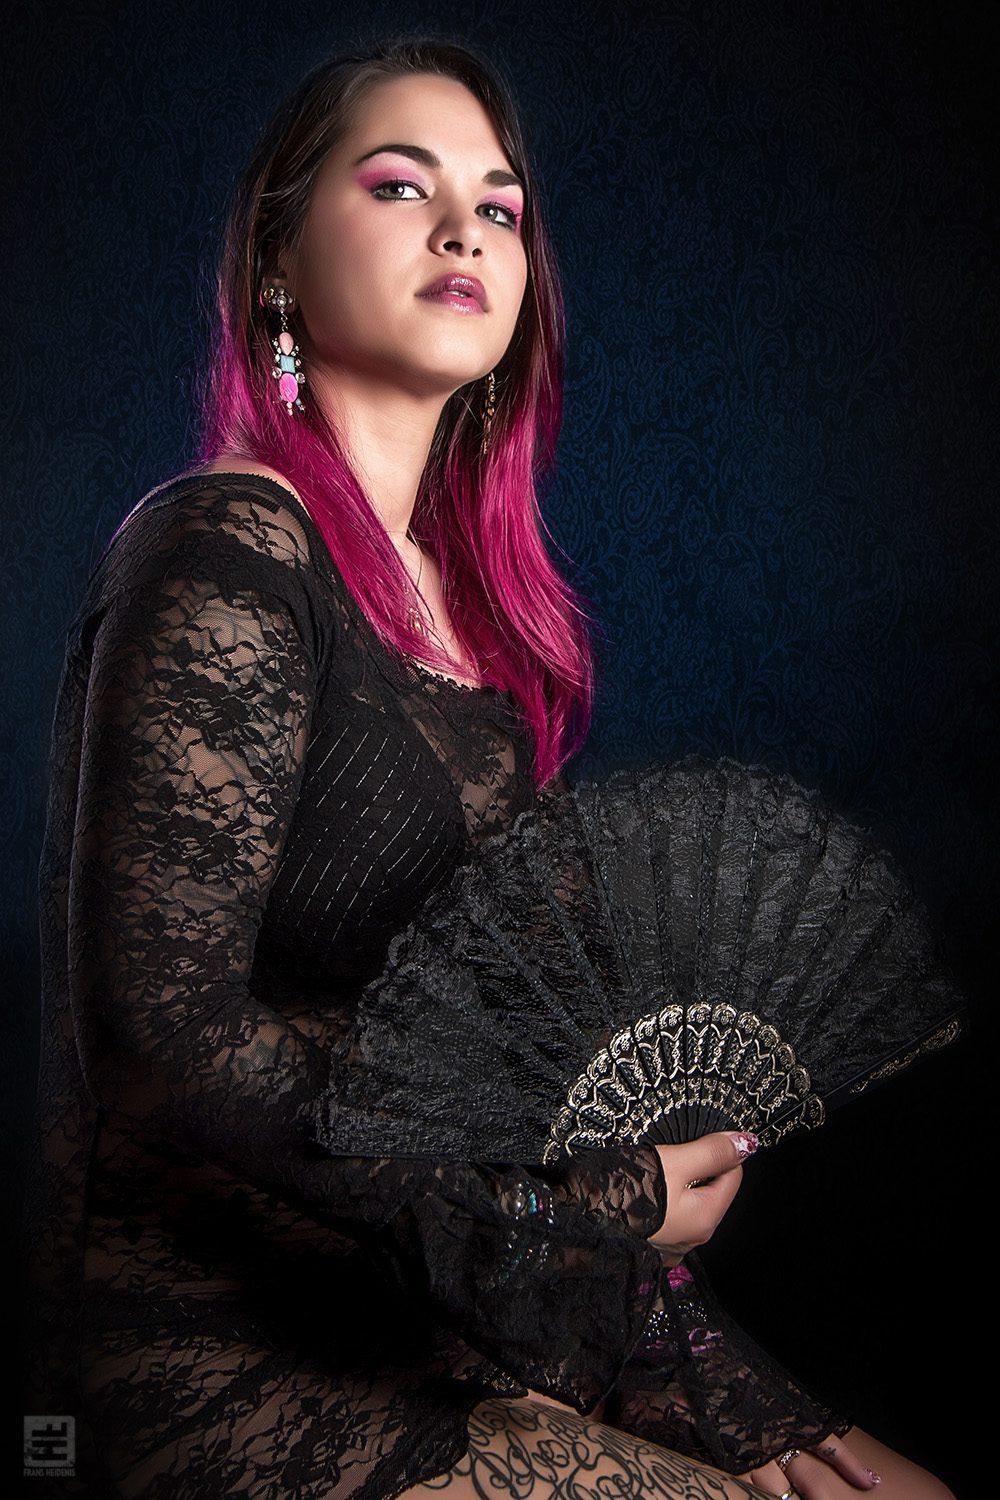 Glamour fotografie. Licht Aziatische vrouw in zwart jurkje met fel roze haar en zwarte kanten Spaanse waaier in haar hand.